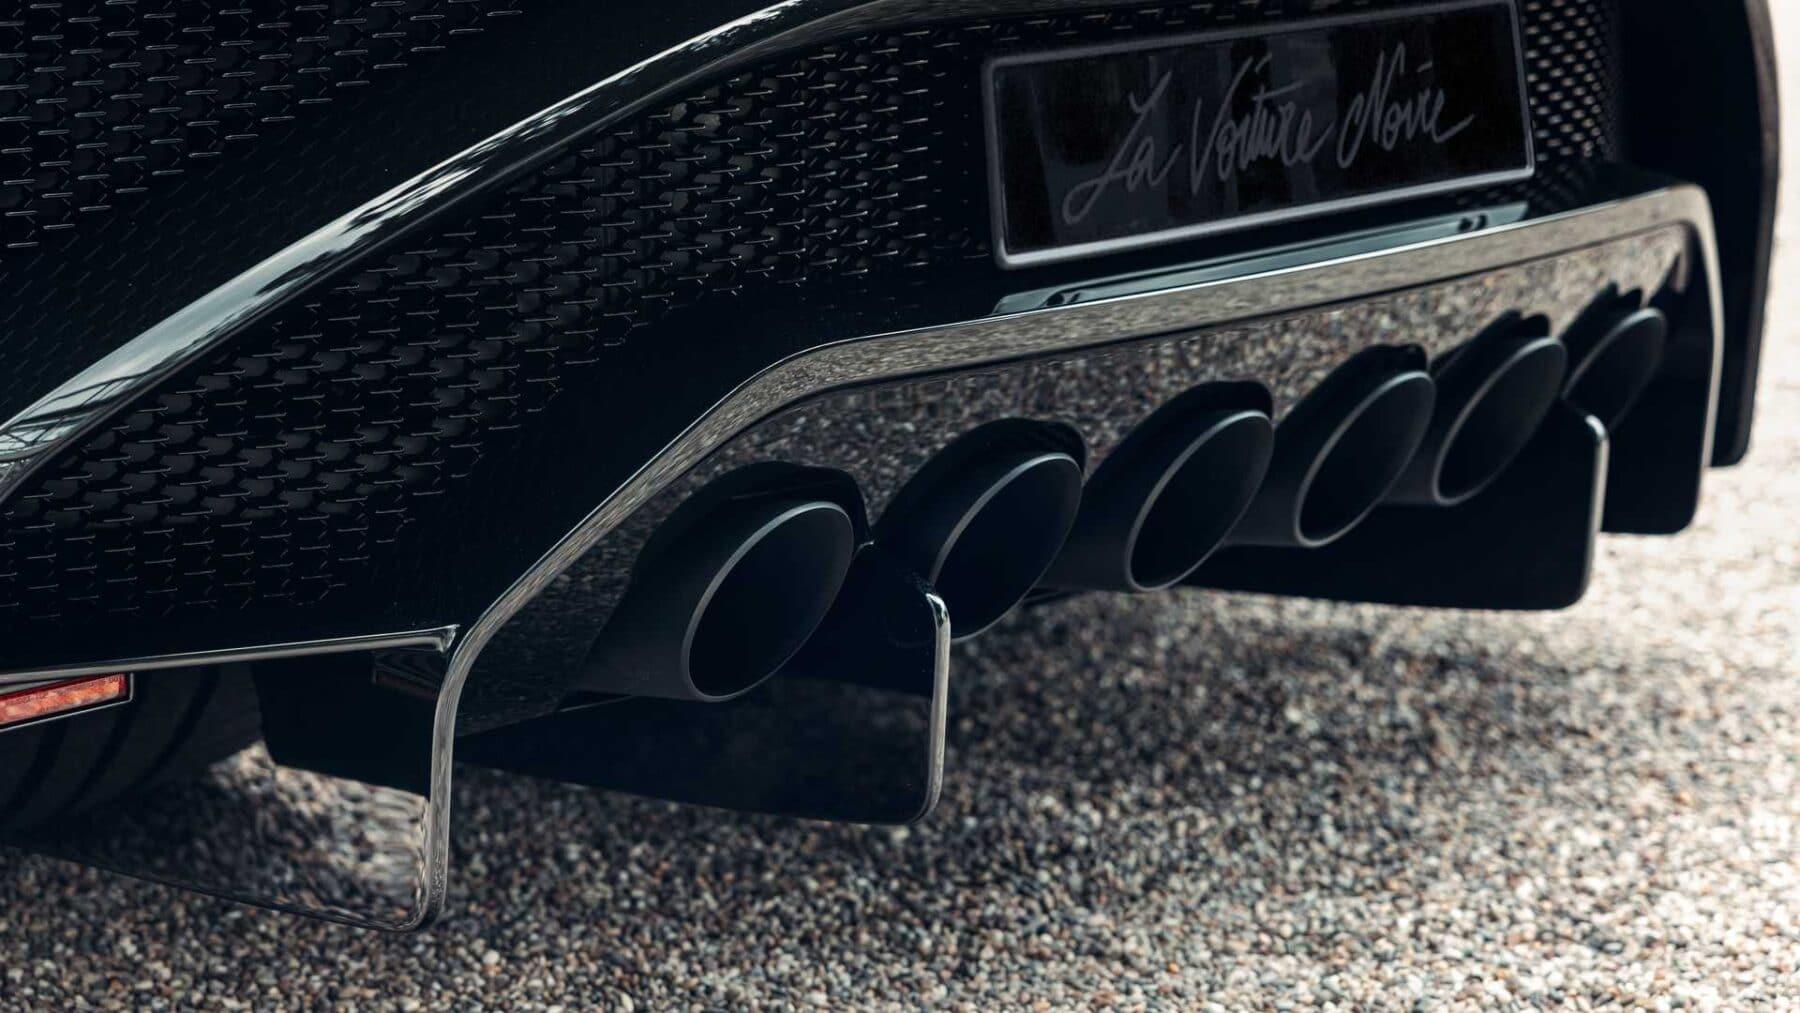 El Bugatti La Voiture Noire está plagado de detalles únicos